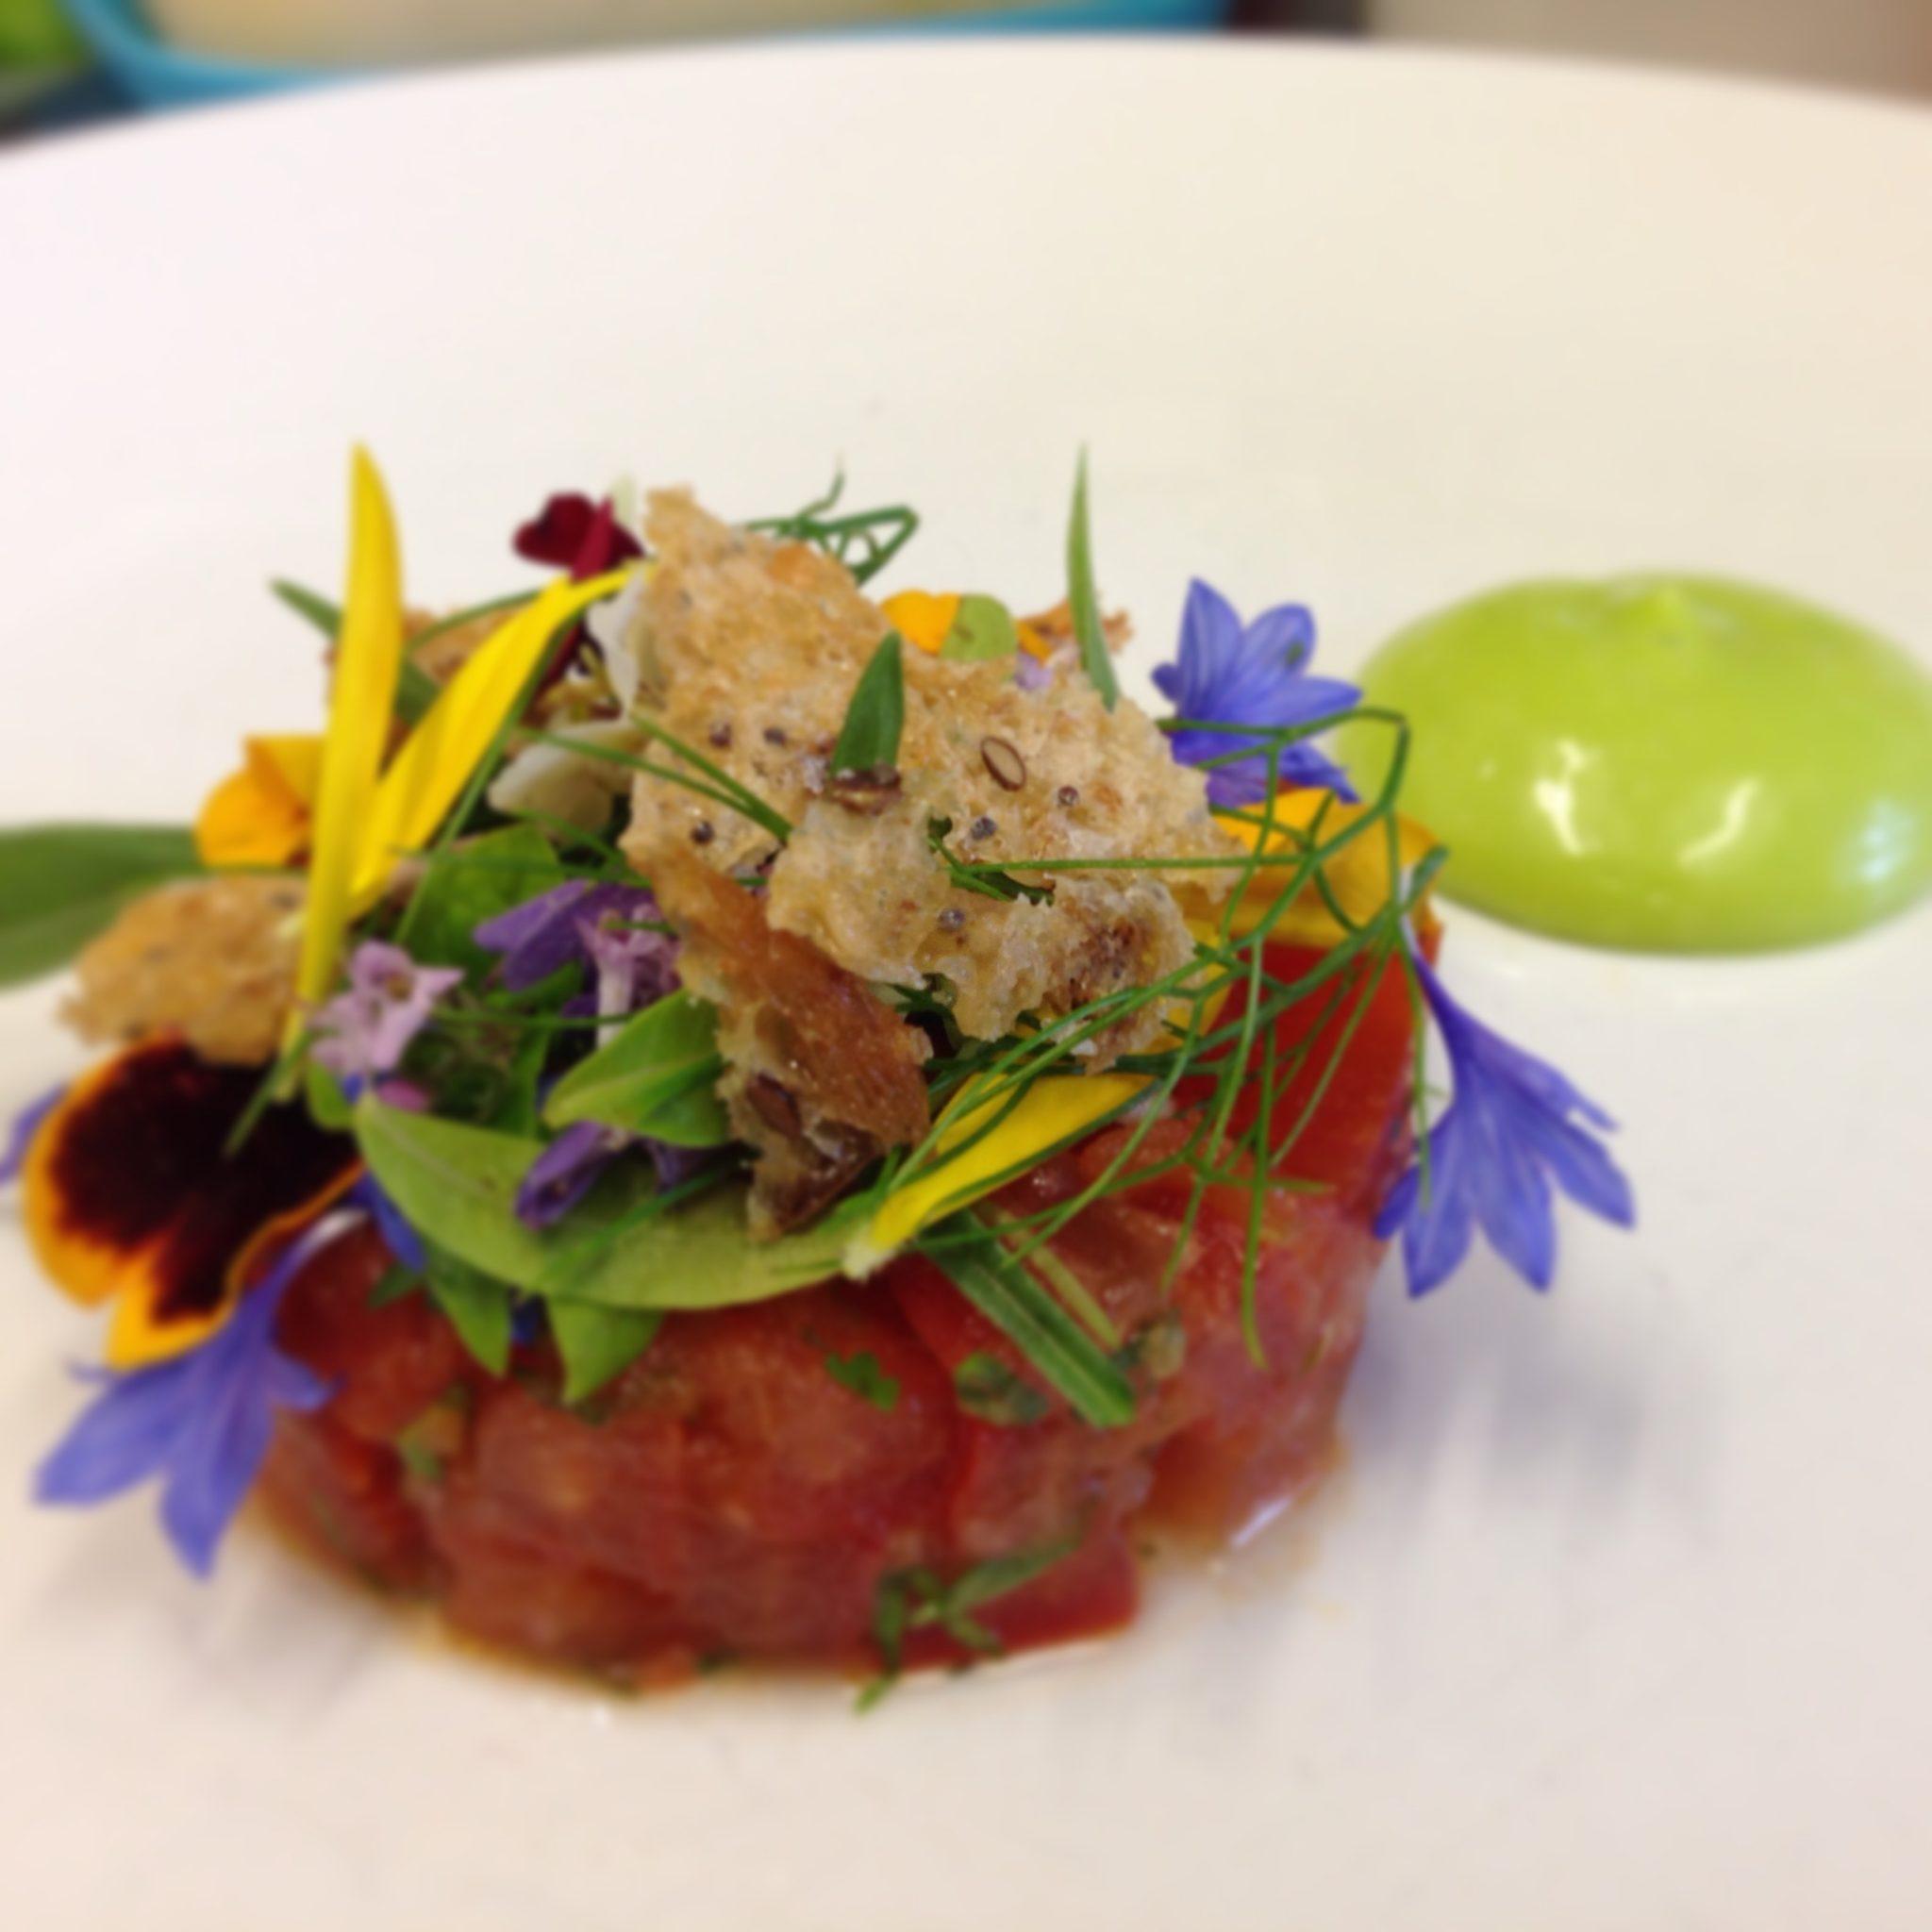 Tomato, lovage, curds